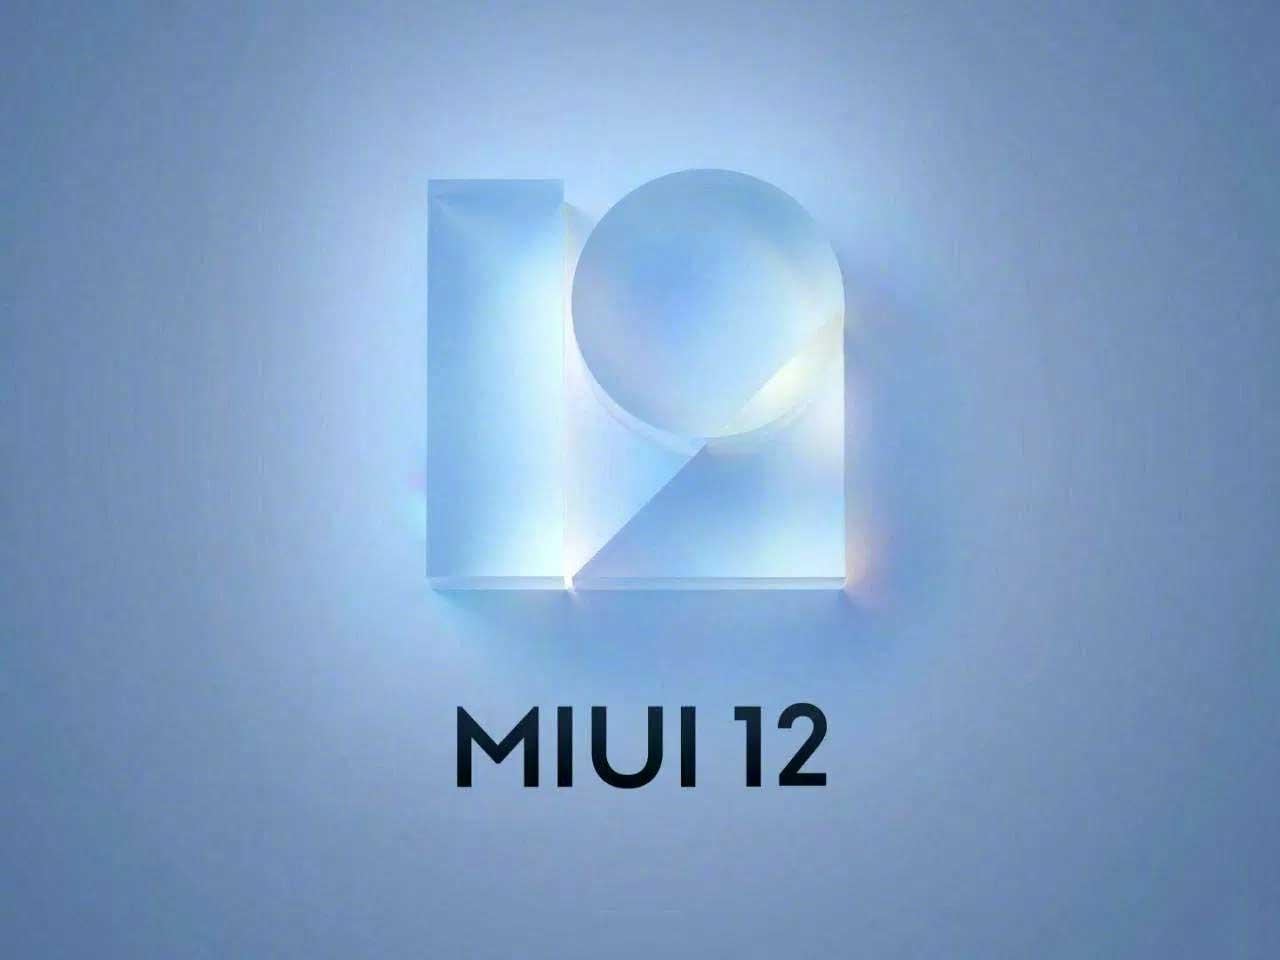 آپدیت آزمایشی MIUI 12 برای کدام گوشی های شیائومی ارایه می شود؟ لیست رسمی